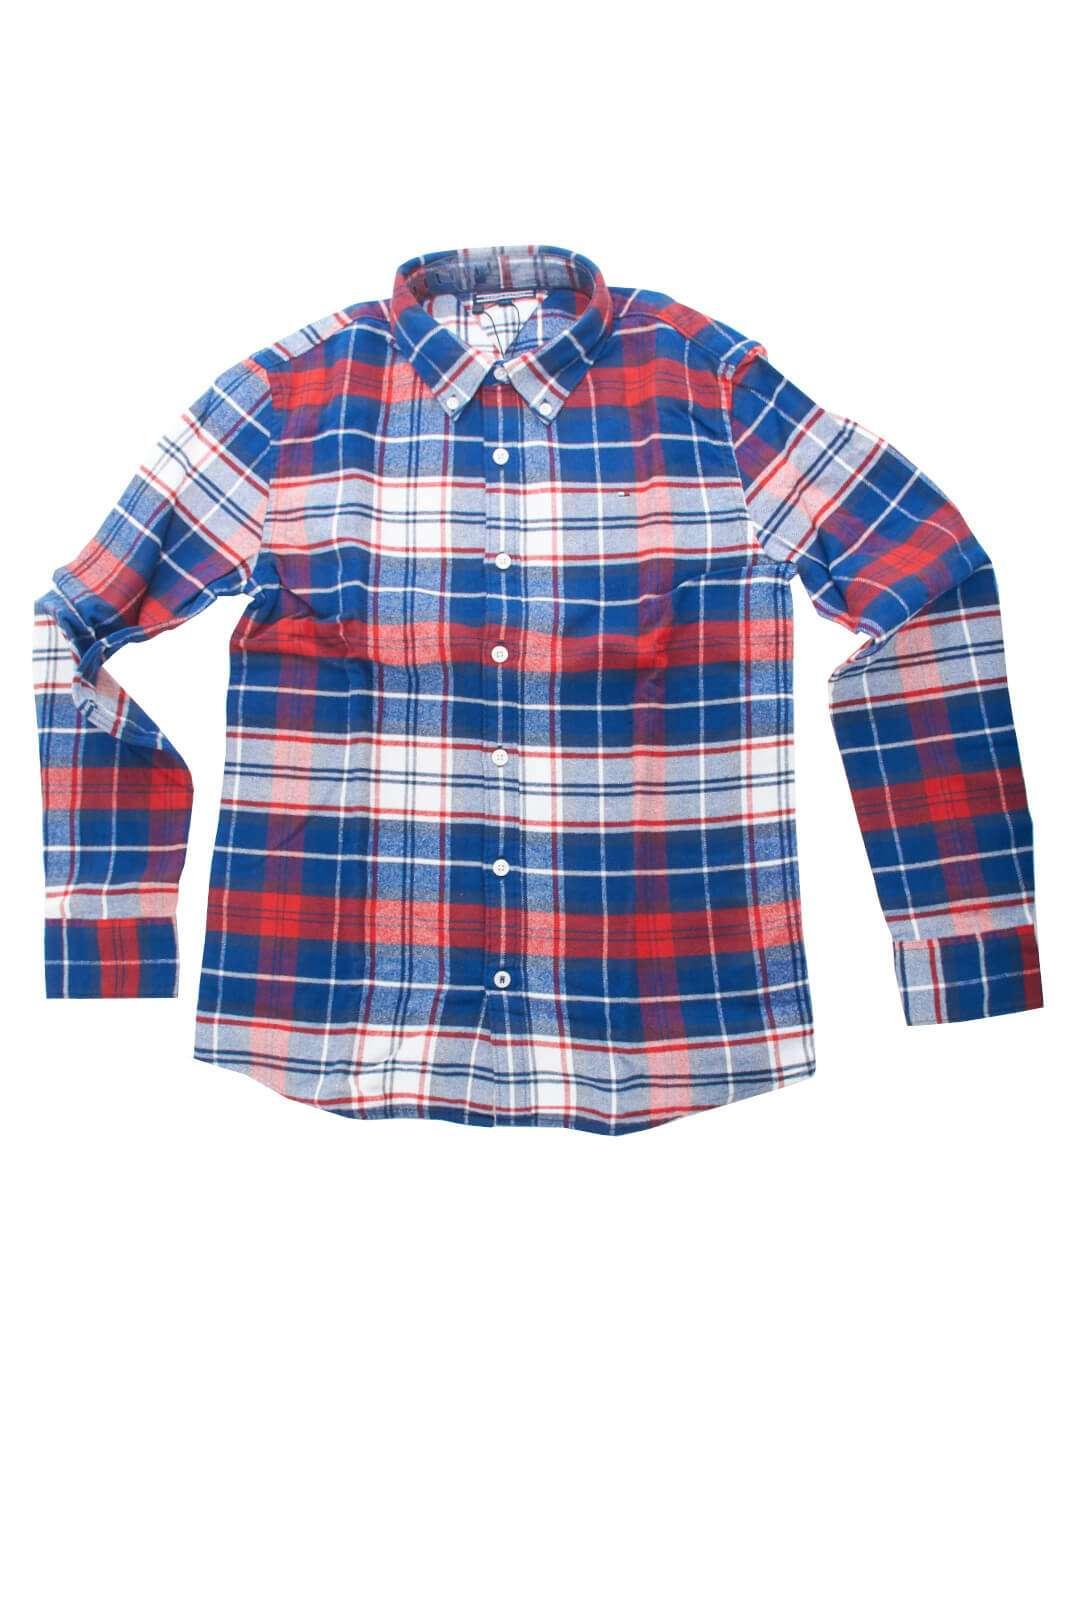 Calda e fashion la camicia in flanella proposta dalla collezione bambino Tommy Hilfiger. Un capo evergreen si impone con la sua fantasia check e il caratteristico collo botton down. Da abbinare con un jeans o con un pantalone, è un'icona.